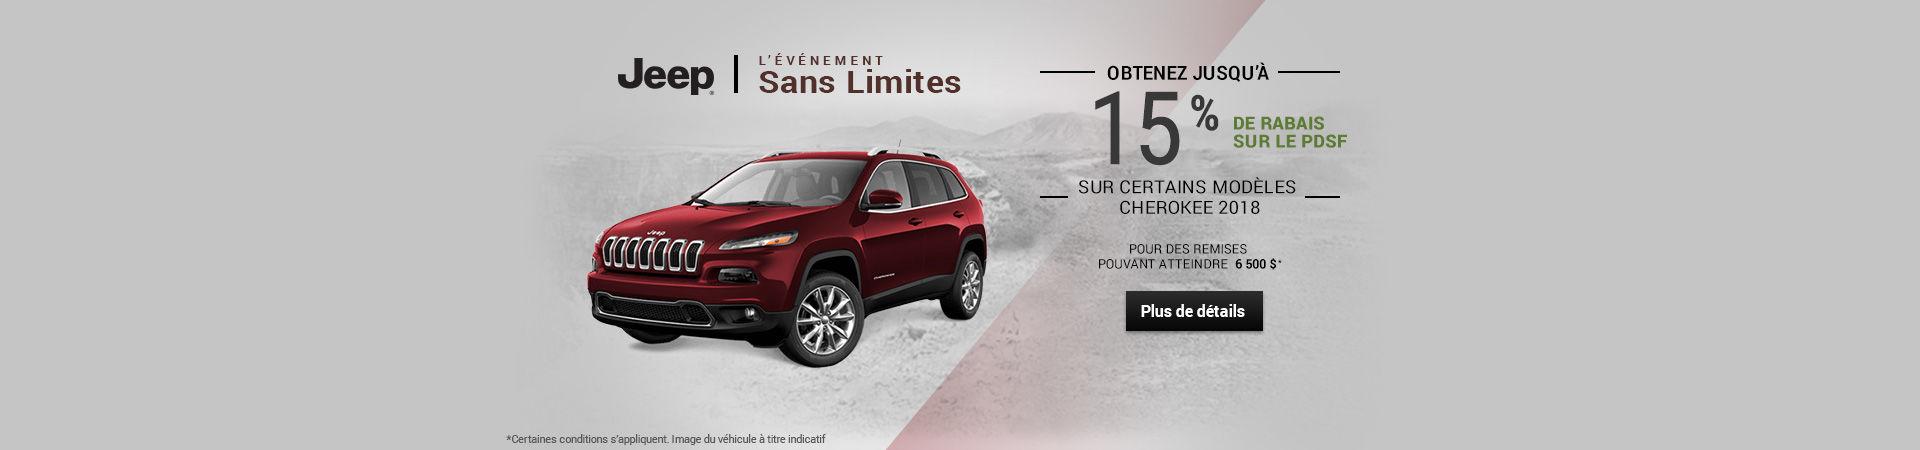 L'événement sans limites - Jeep